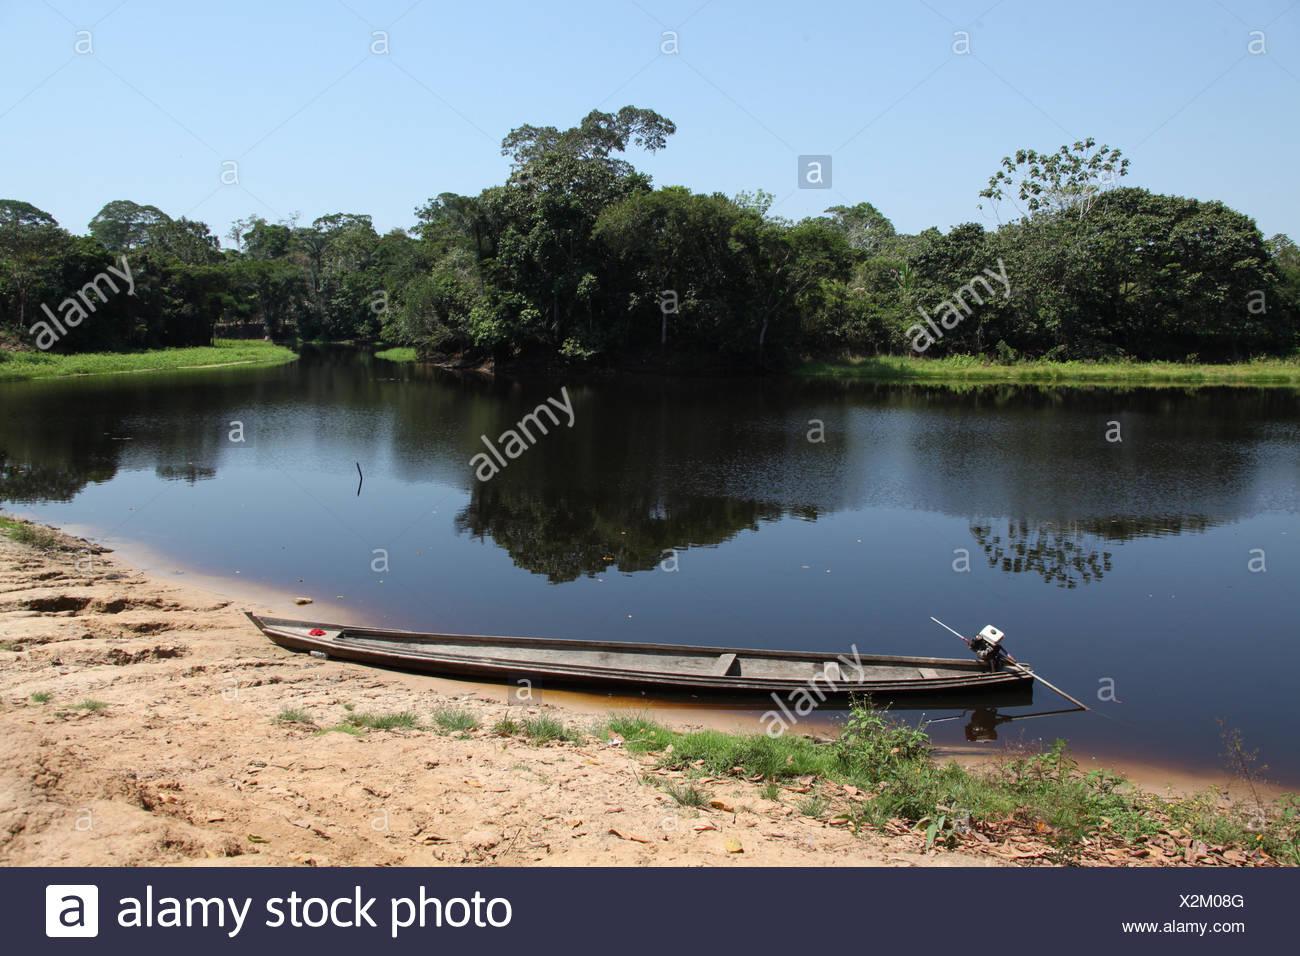 Brazil, Amazonas, Canoe on Amazon river - Stock Image